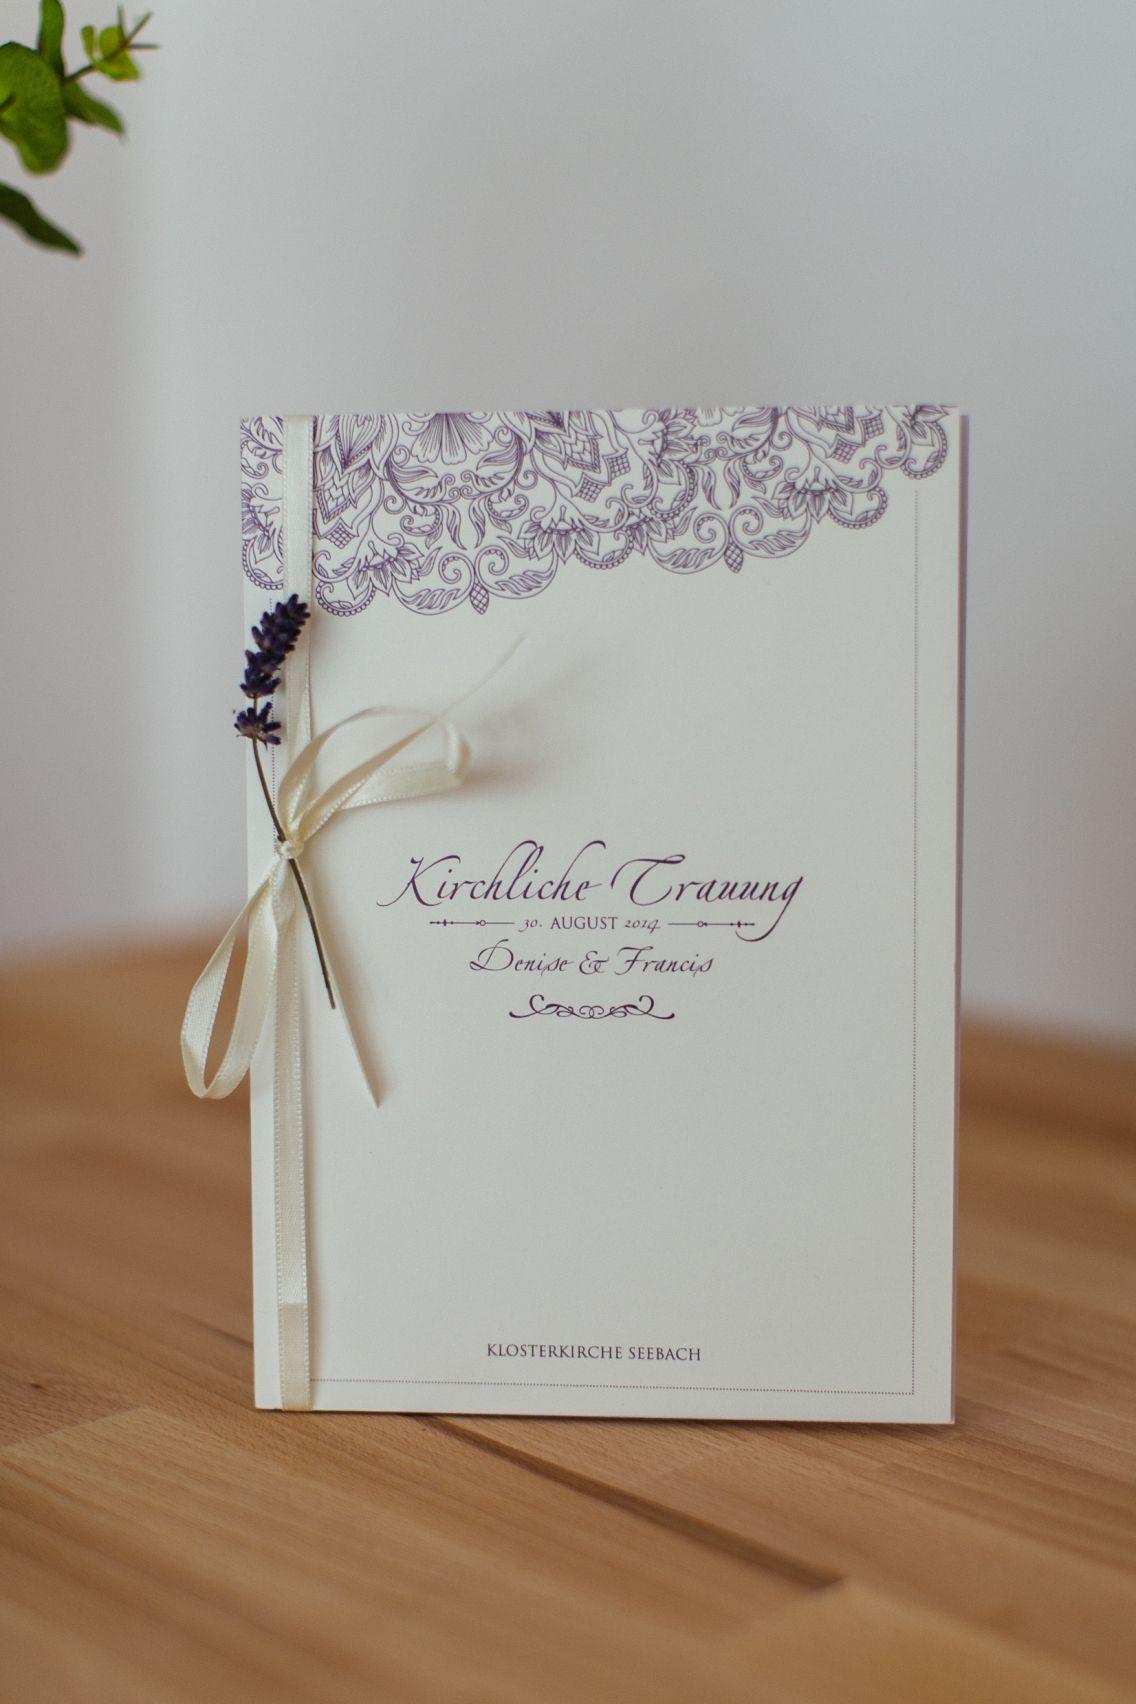 Hochzeitspapeterie pocketfold ion kirchliche trauung einladungen einladungskarten